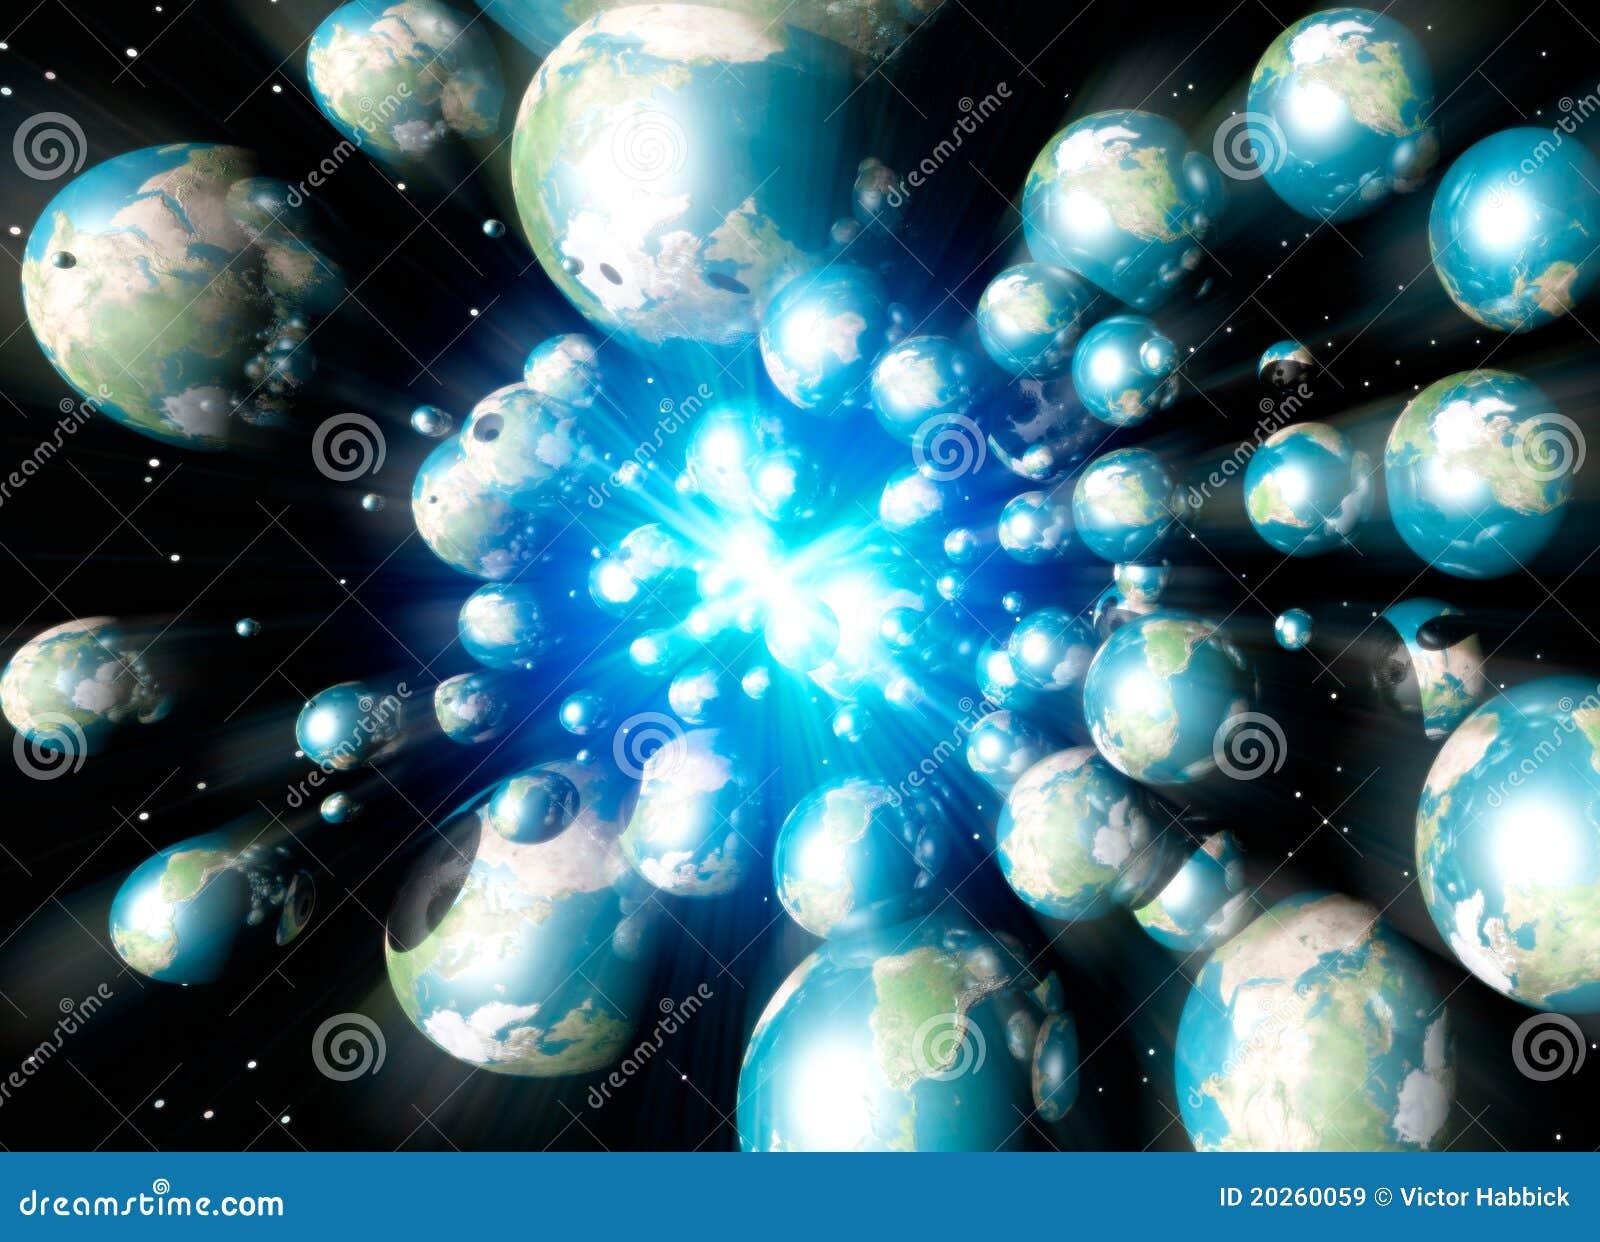 Multiple Earths speeding in space